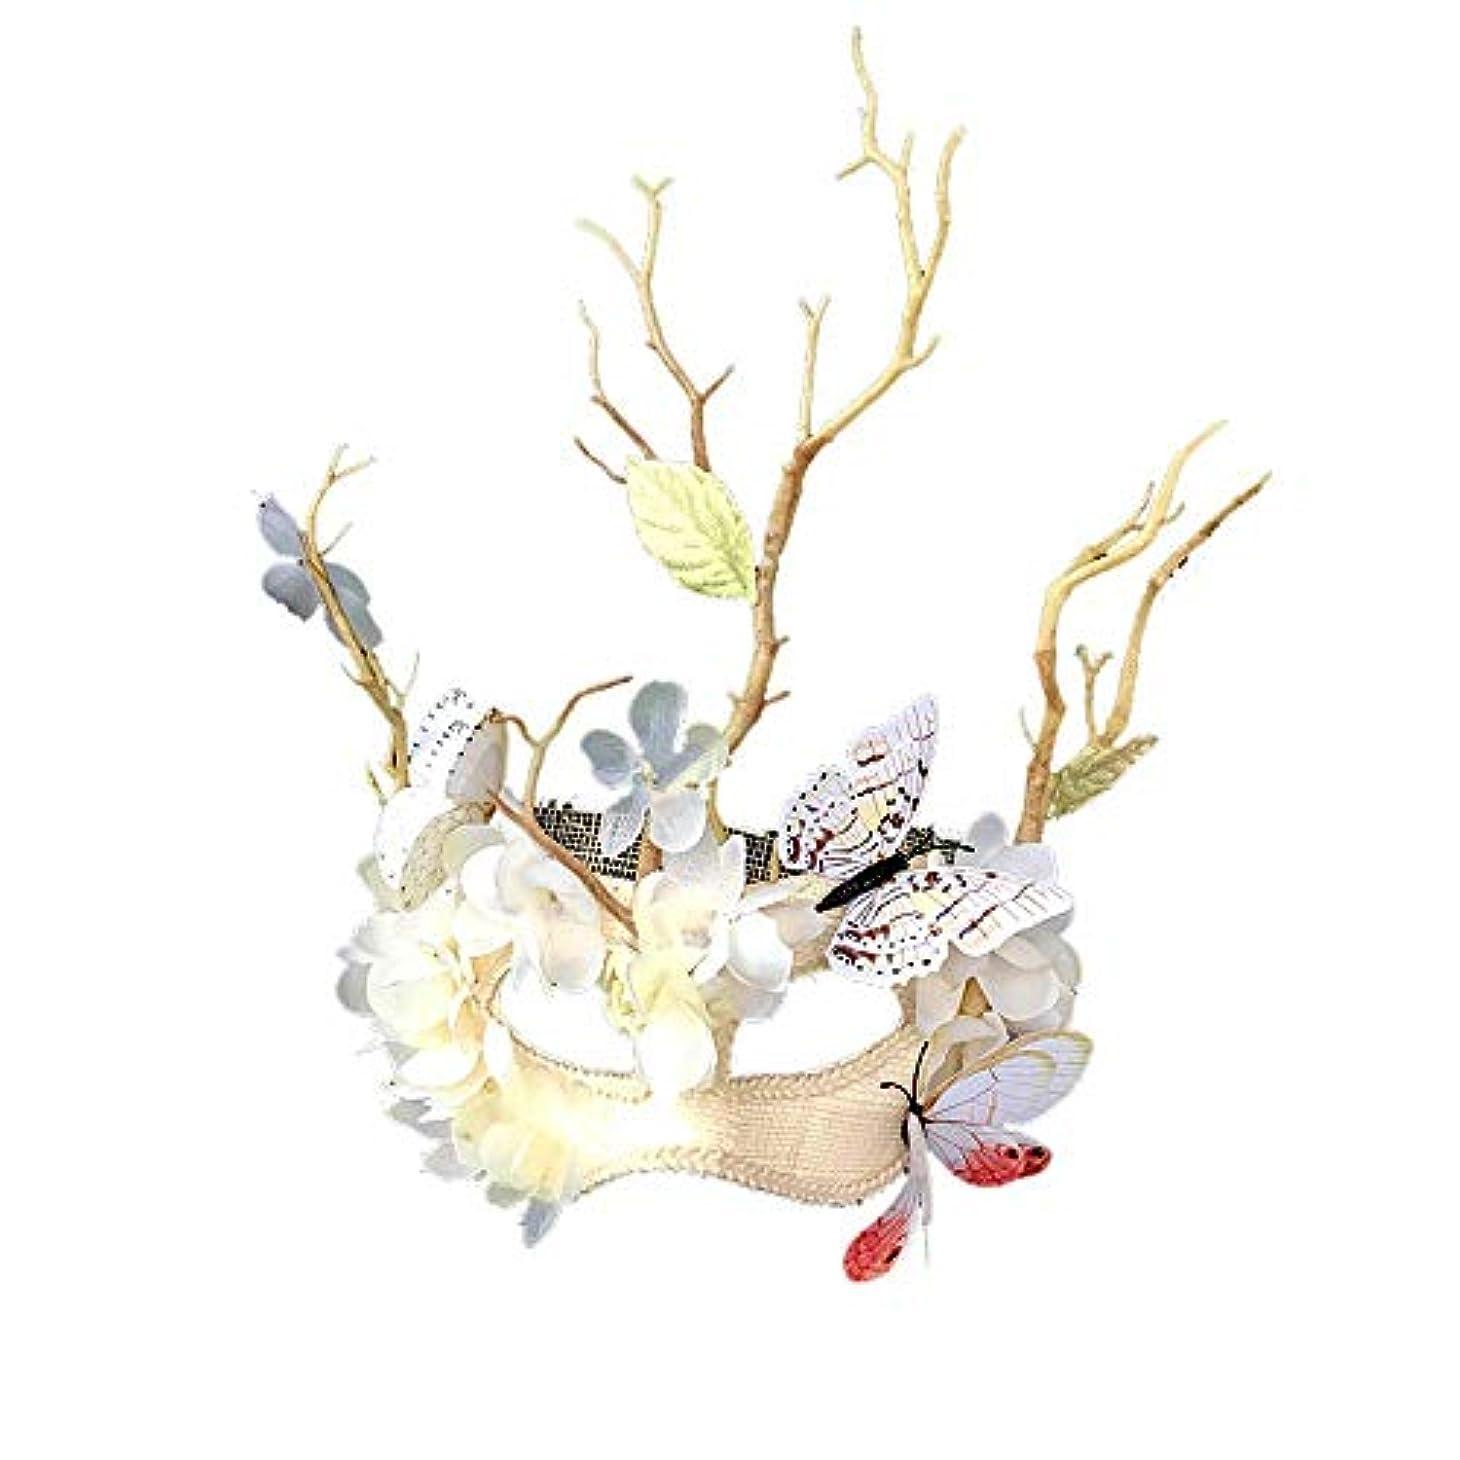 疼痛ソファー最初はNanle ハロウィンの蝶の木ブランチマスク仮装マスクレディミスプリンセス美容祭パーティーデコレーション (色 : ベージュ)